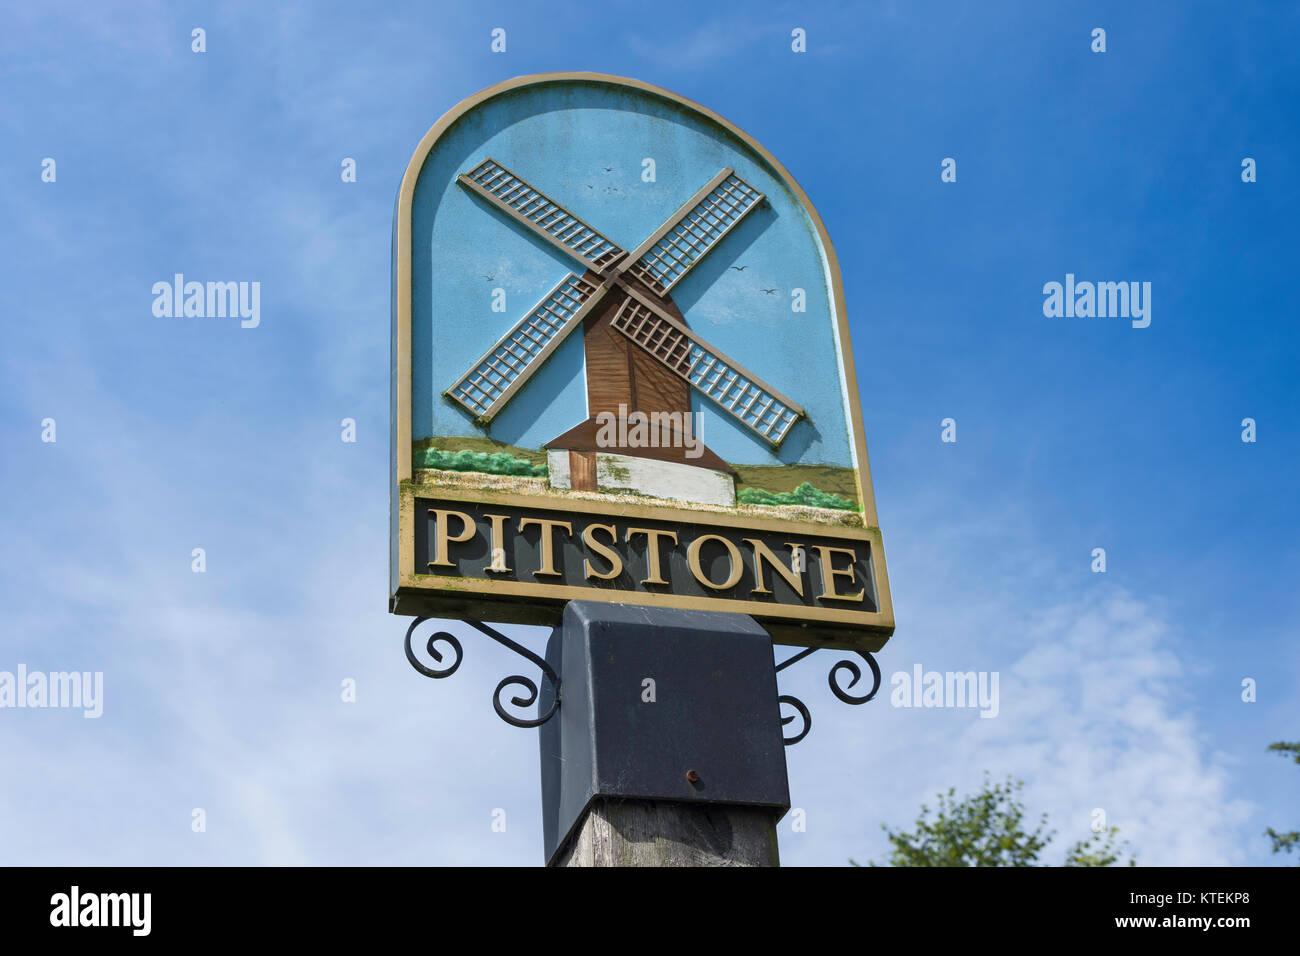 Pitstone village sign, Pitstone, Buckinghamshire, England, United Kingdom - Stock Image